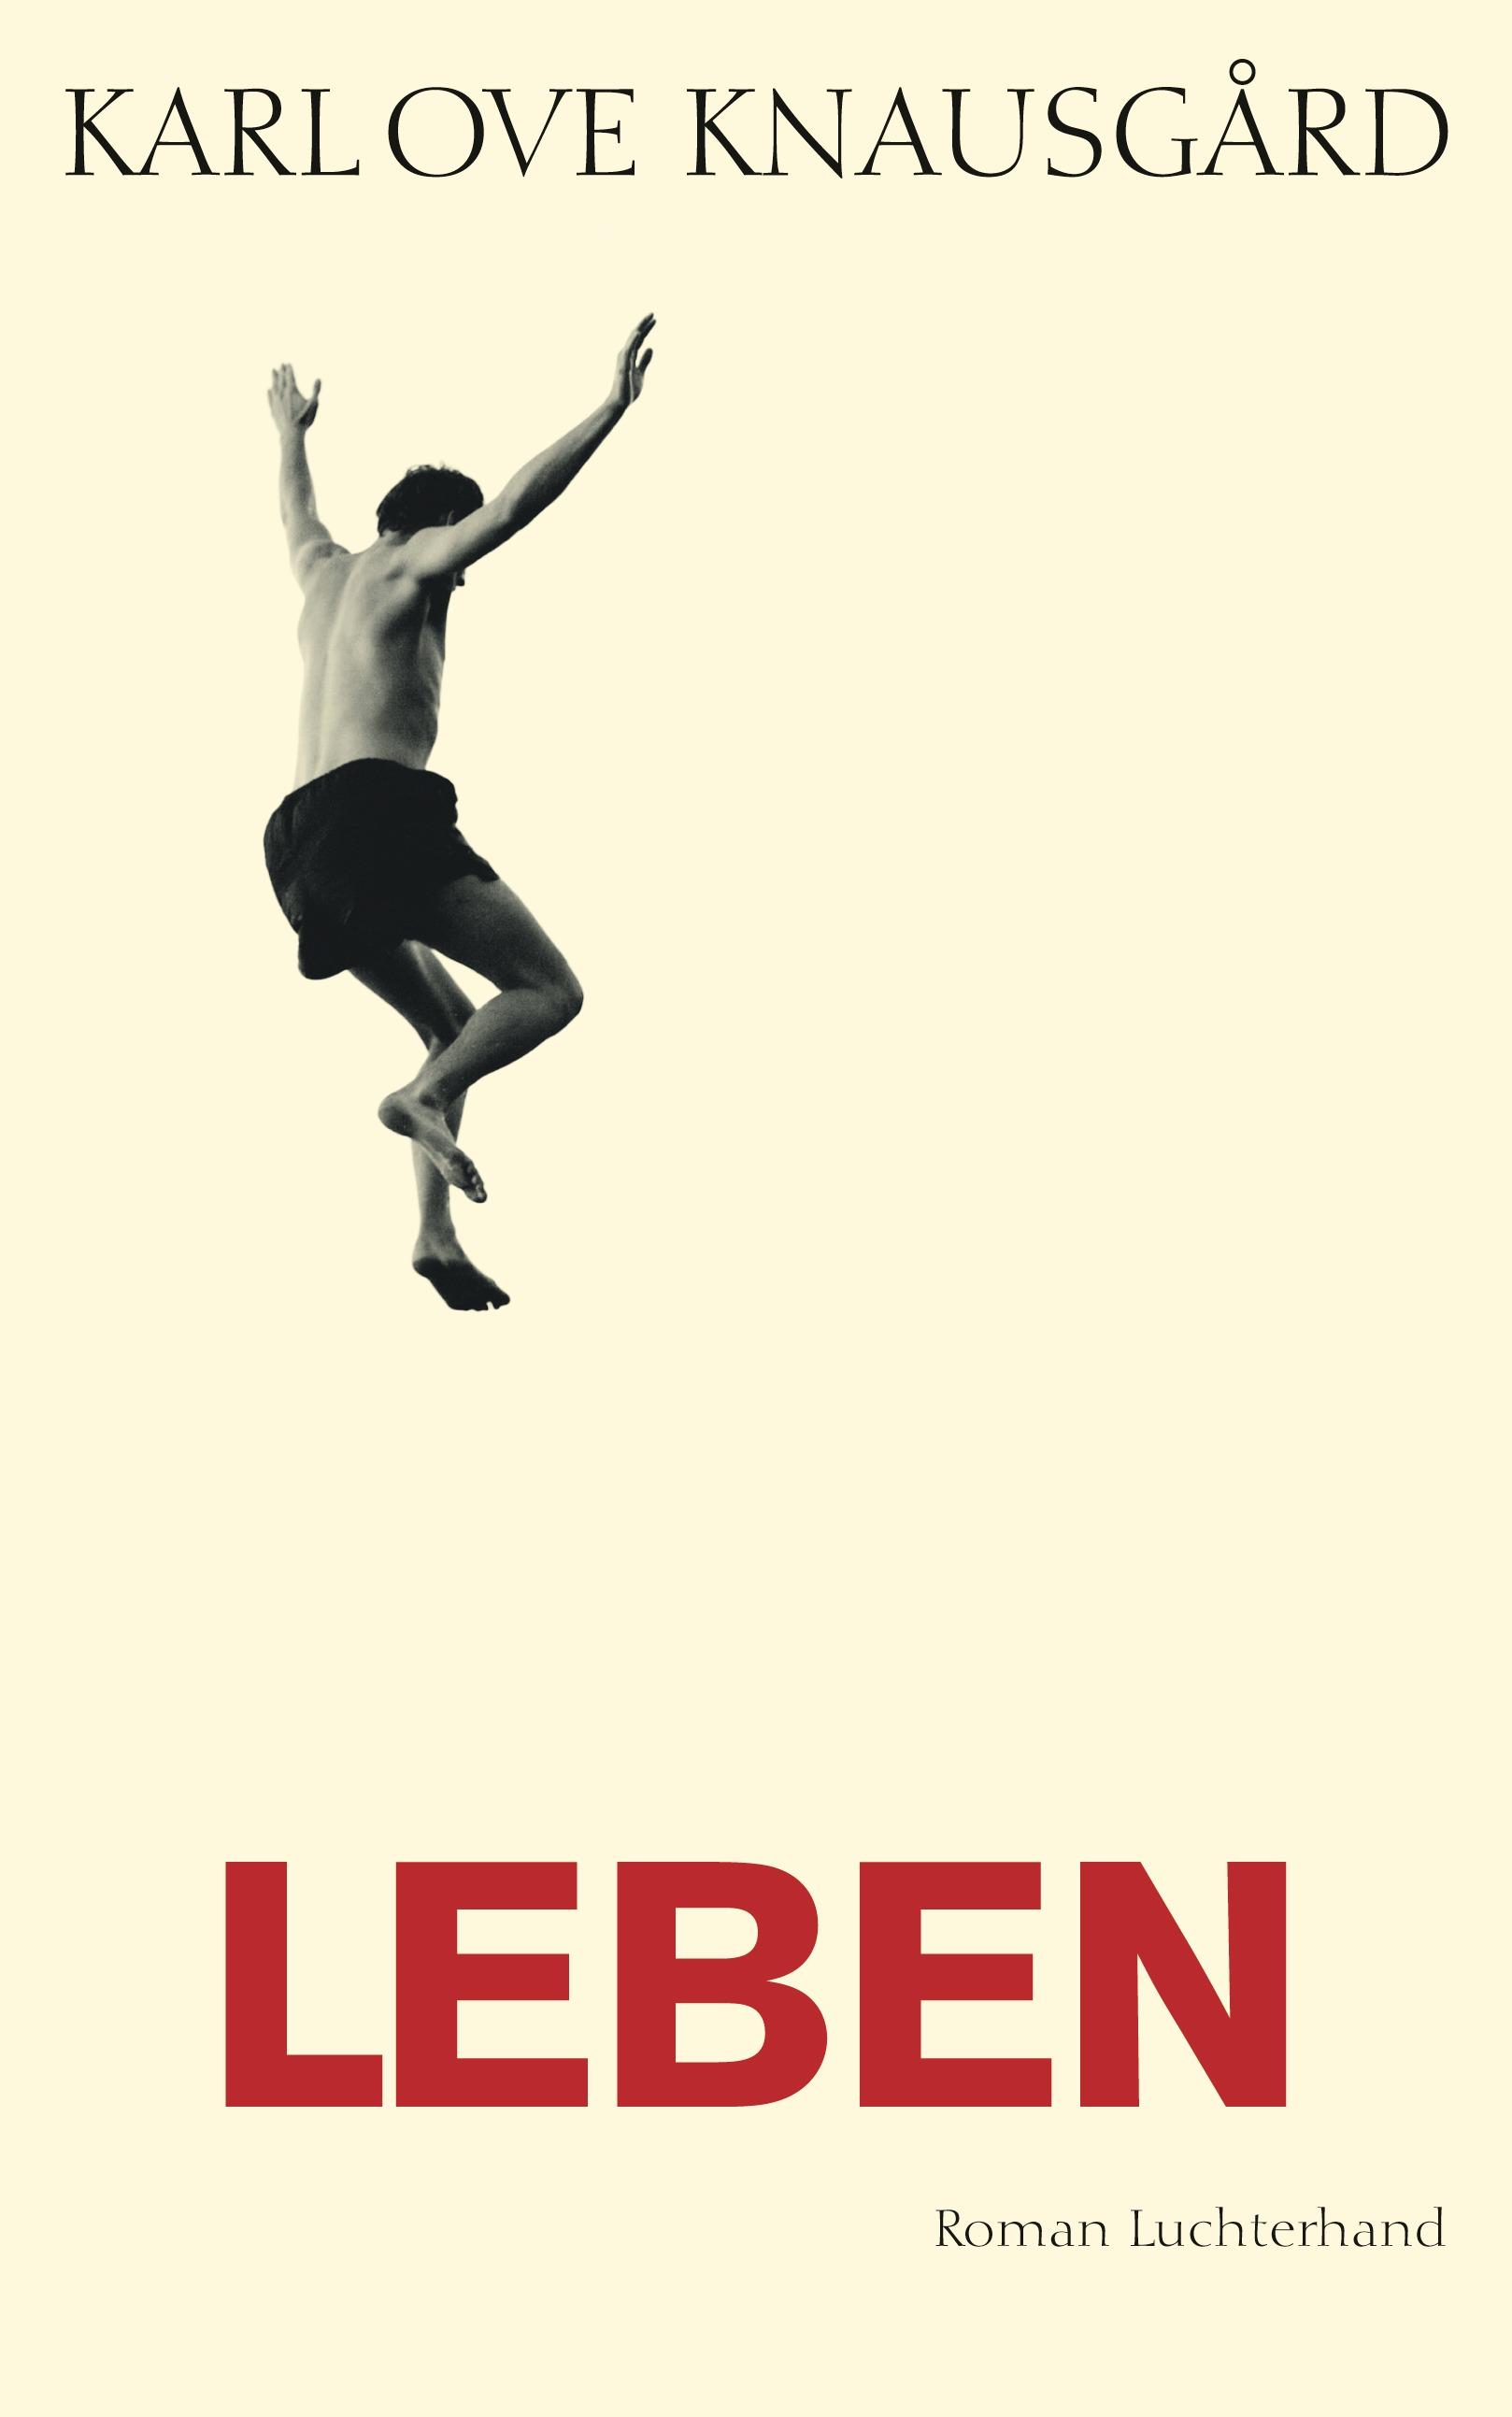 Leben - Karl Ove Knausgård